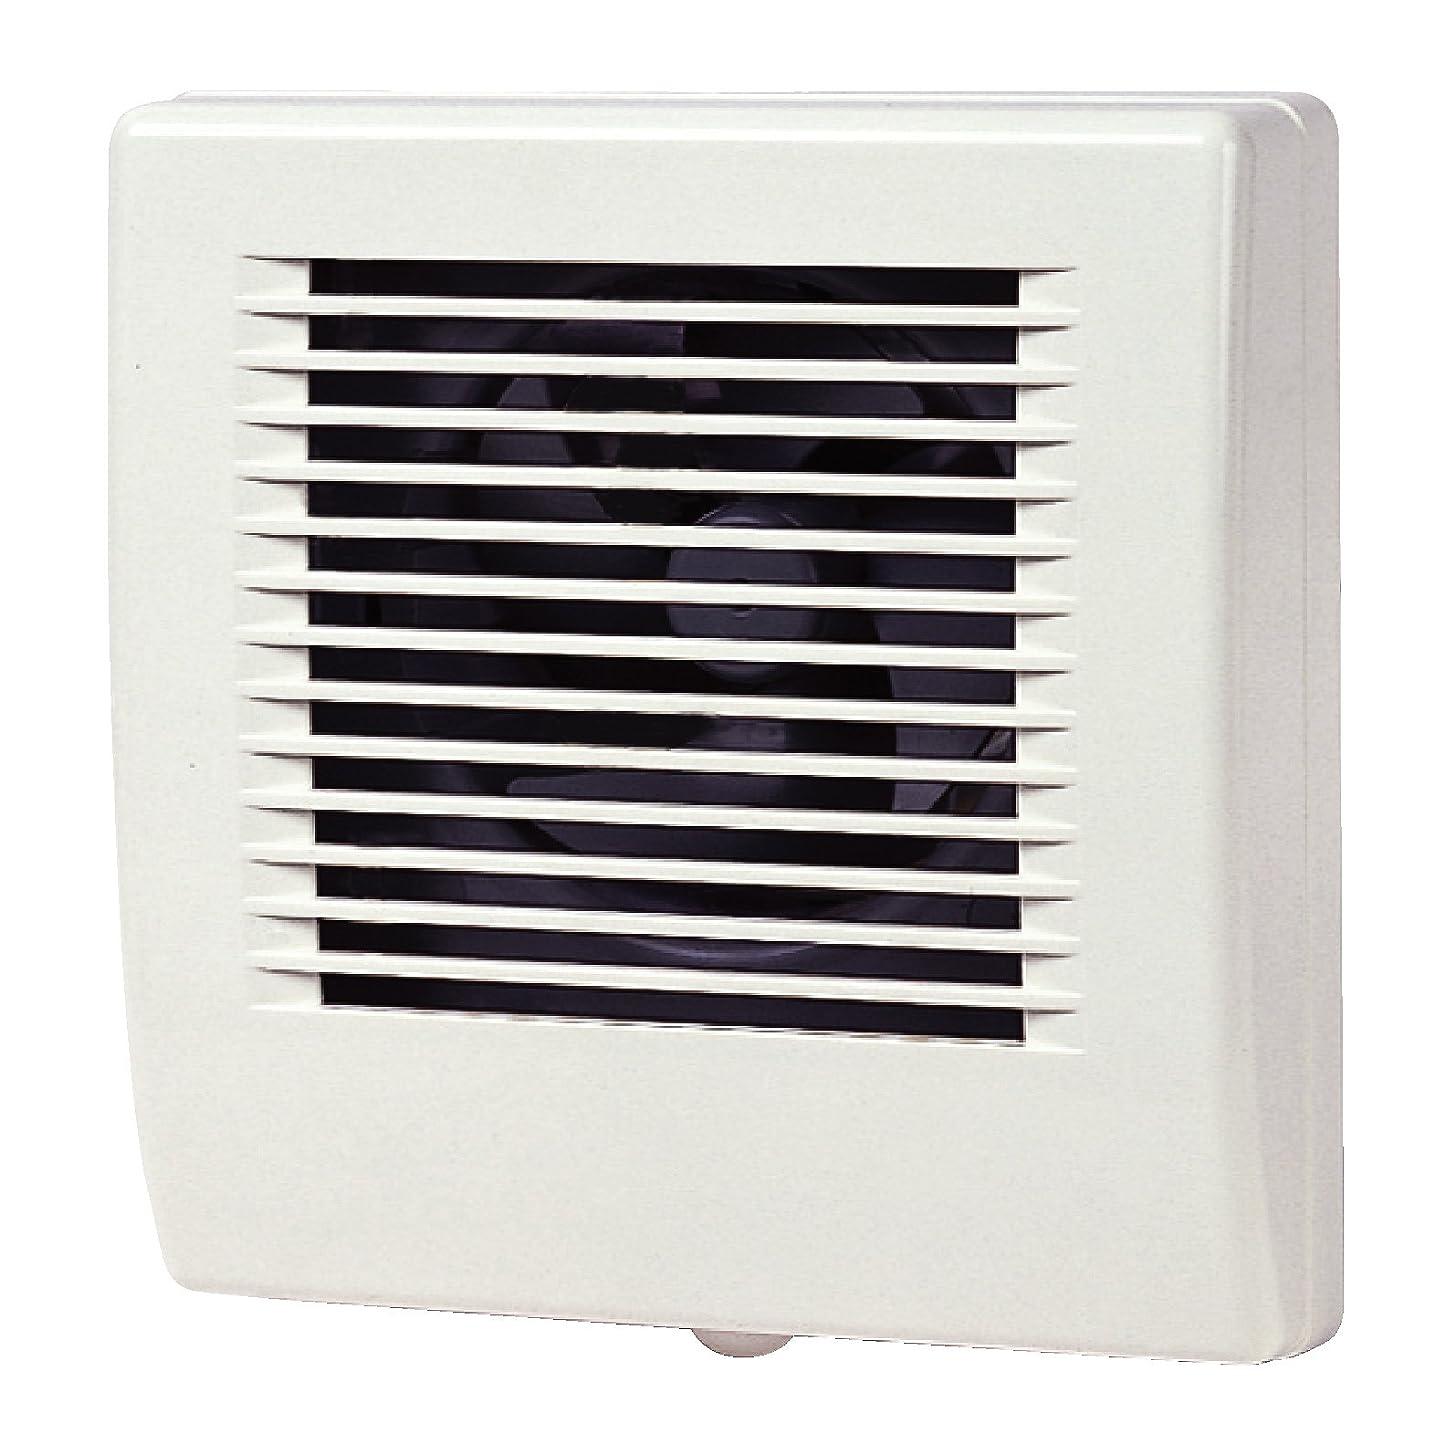 保証後退する伝統高須産業 排気用パイプファン (格子パネル)スイッチ付 100φ PFS1-100A